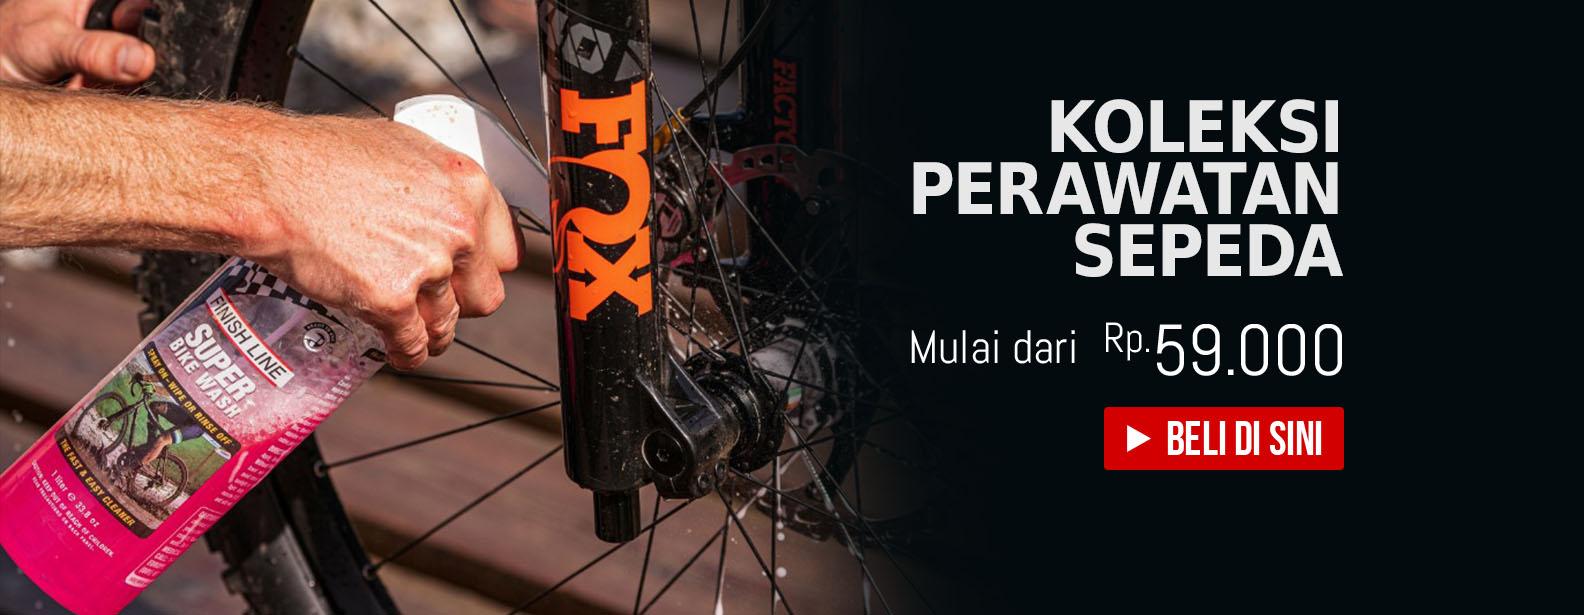 Koleksi Perawatan Sepeda